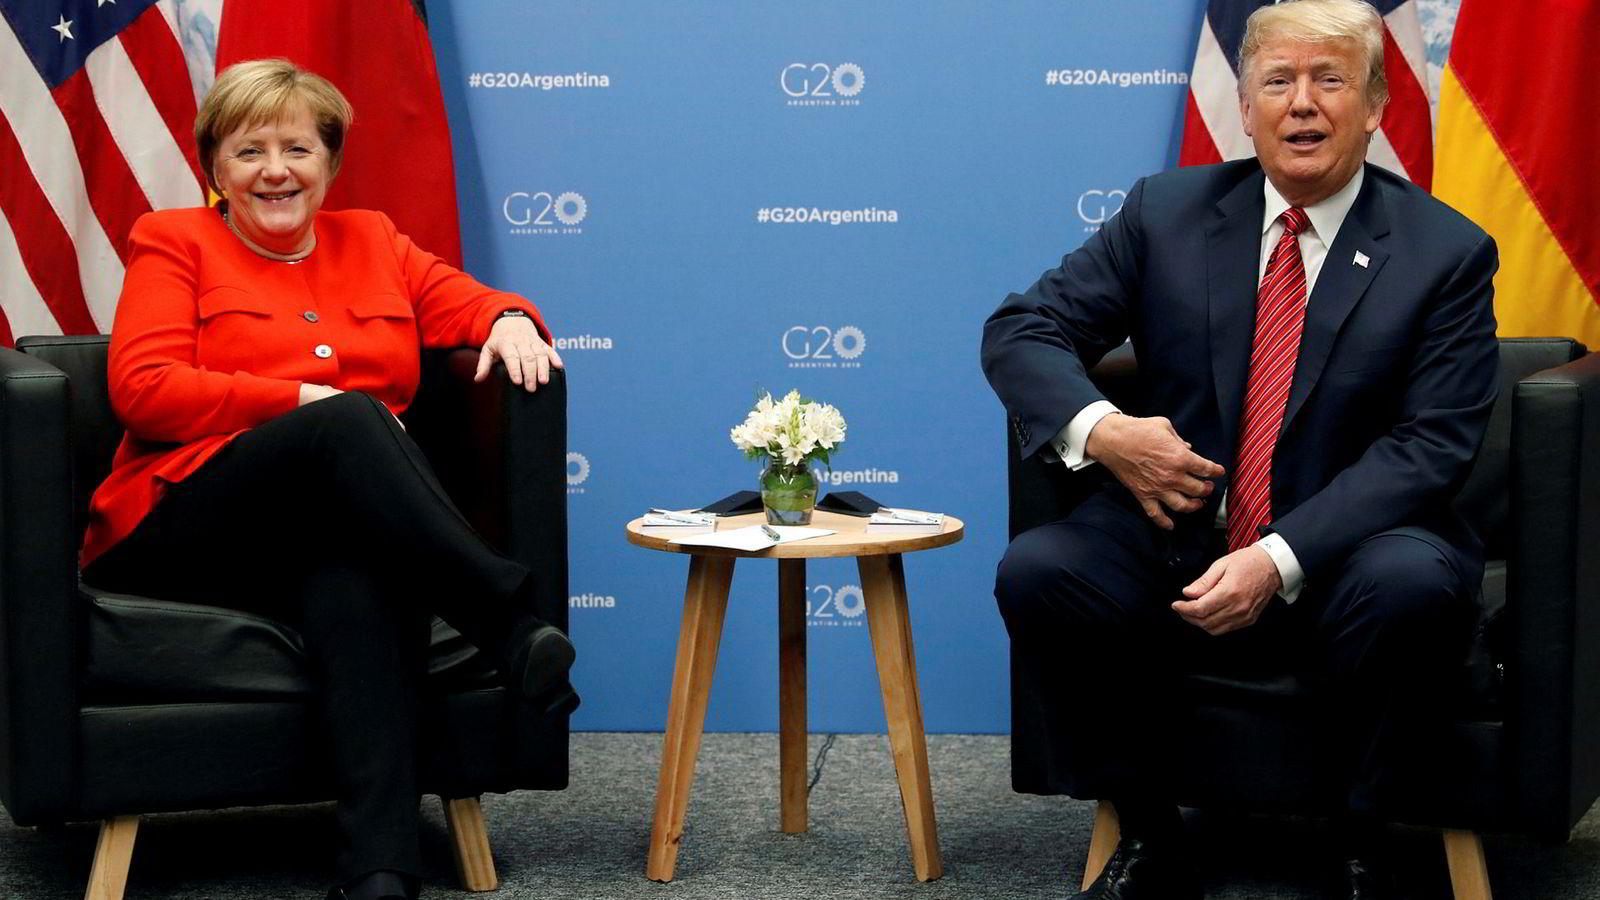 Tyskere flest har liten eller ingen tillit til USAs president Donald Trump. Her er Trump sammen med forbundskansler Angela Merkel under G20-toppmøtet i  Buenos Aires i desember ifjor.